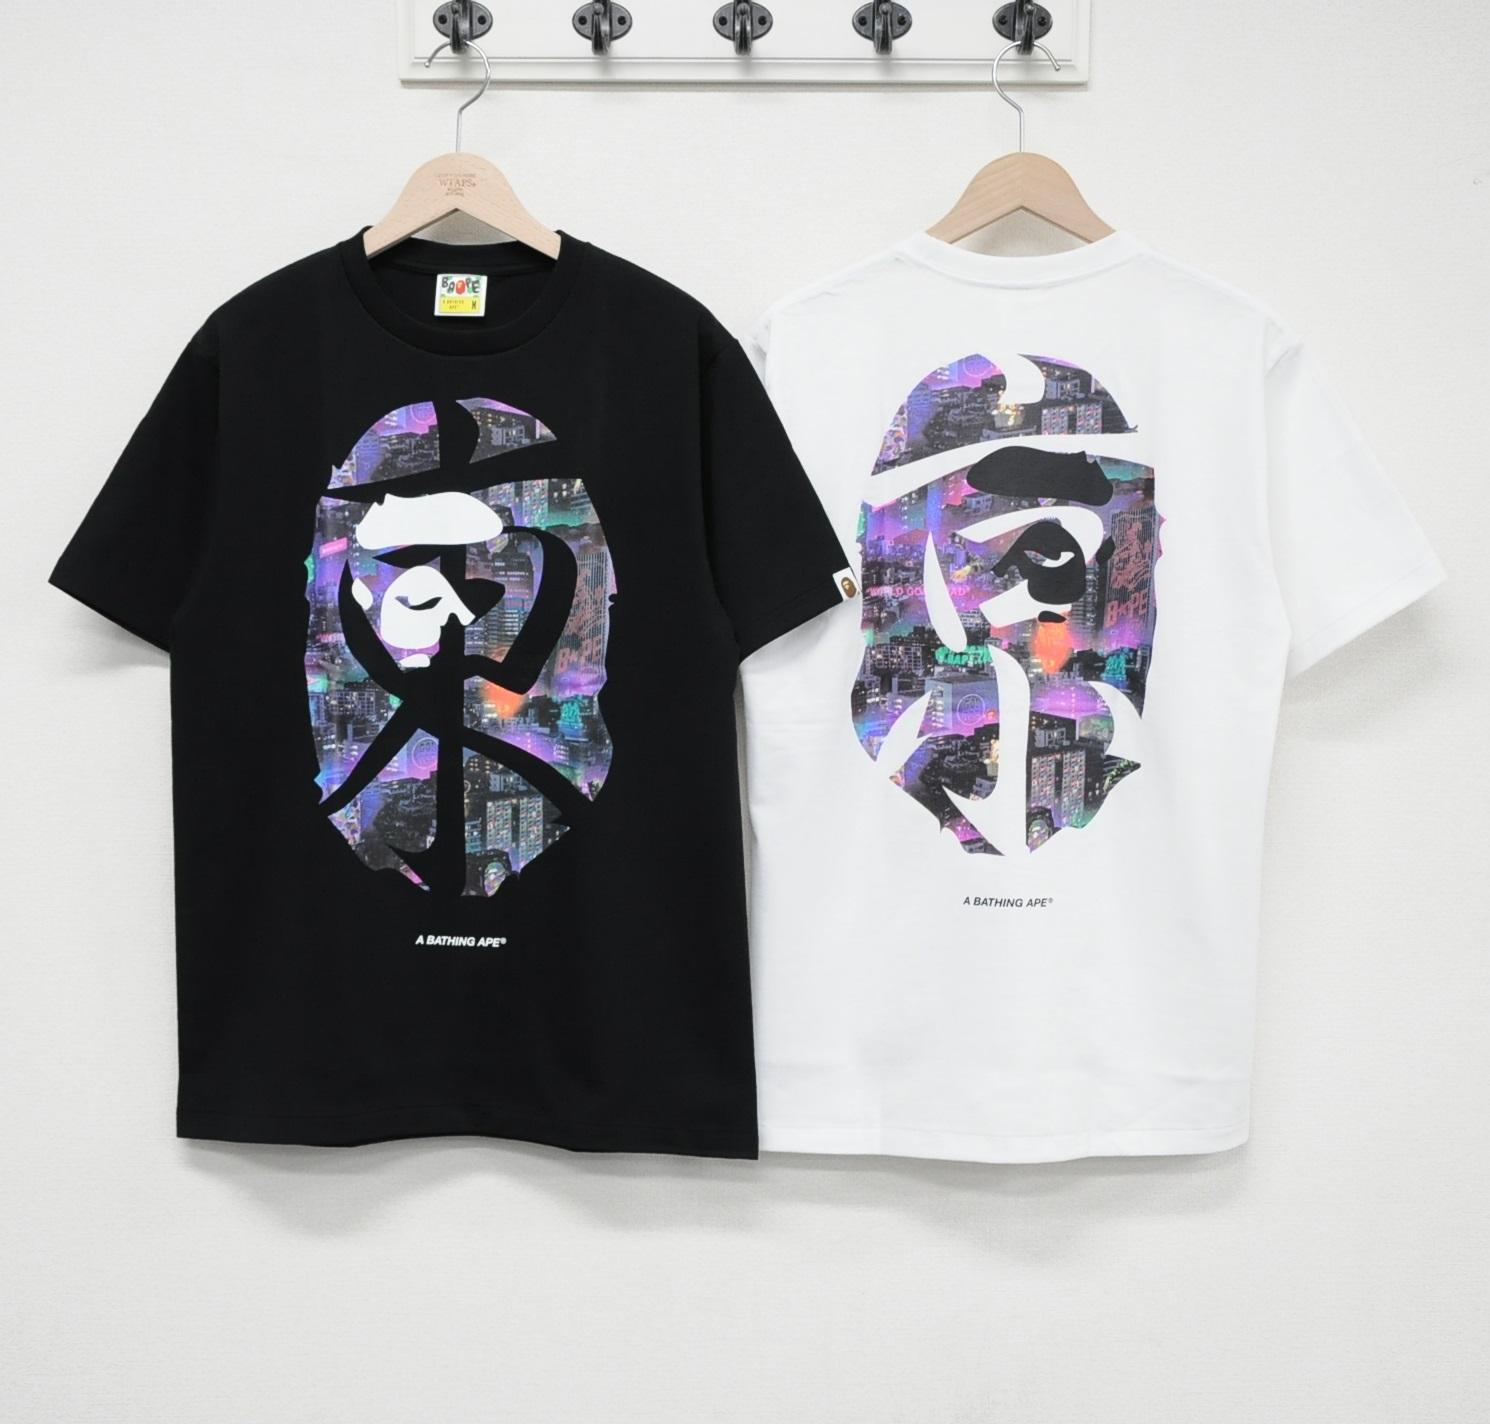 四季出品  BAPE NEON TOKYO TEE 東京大猿人夜景T恤 20SS